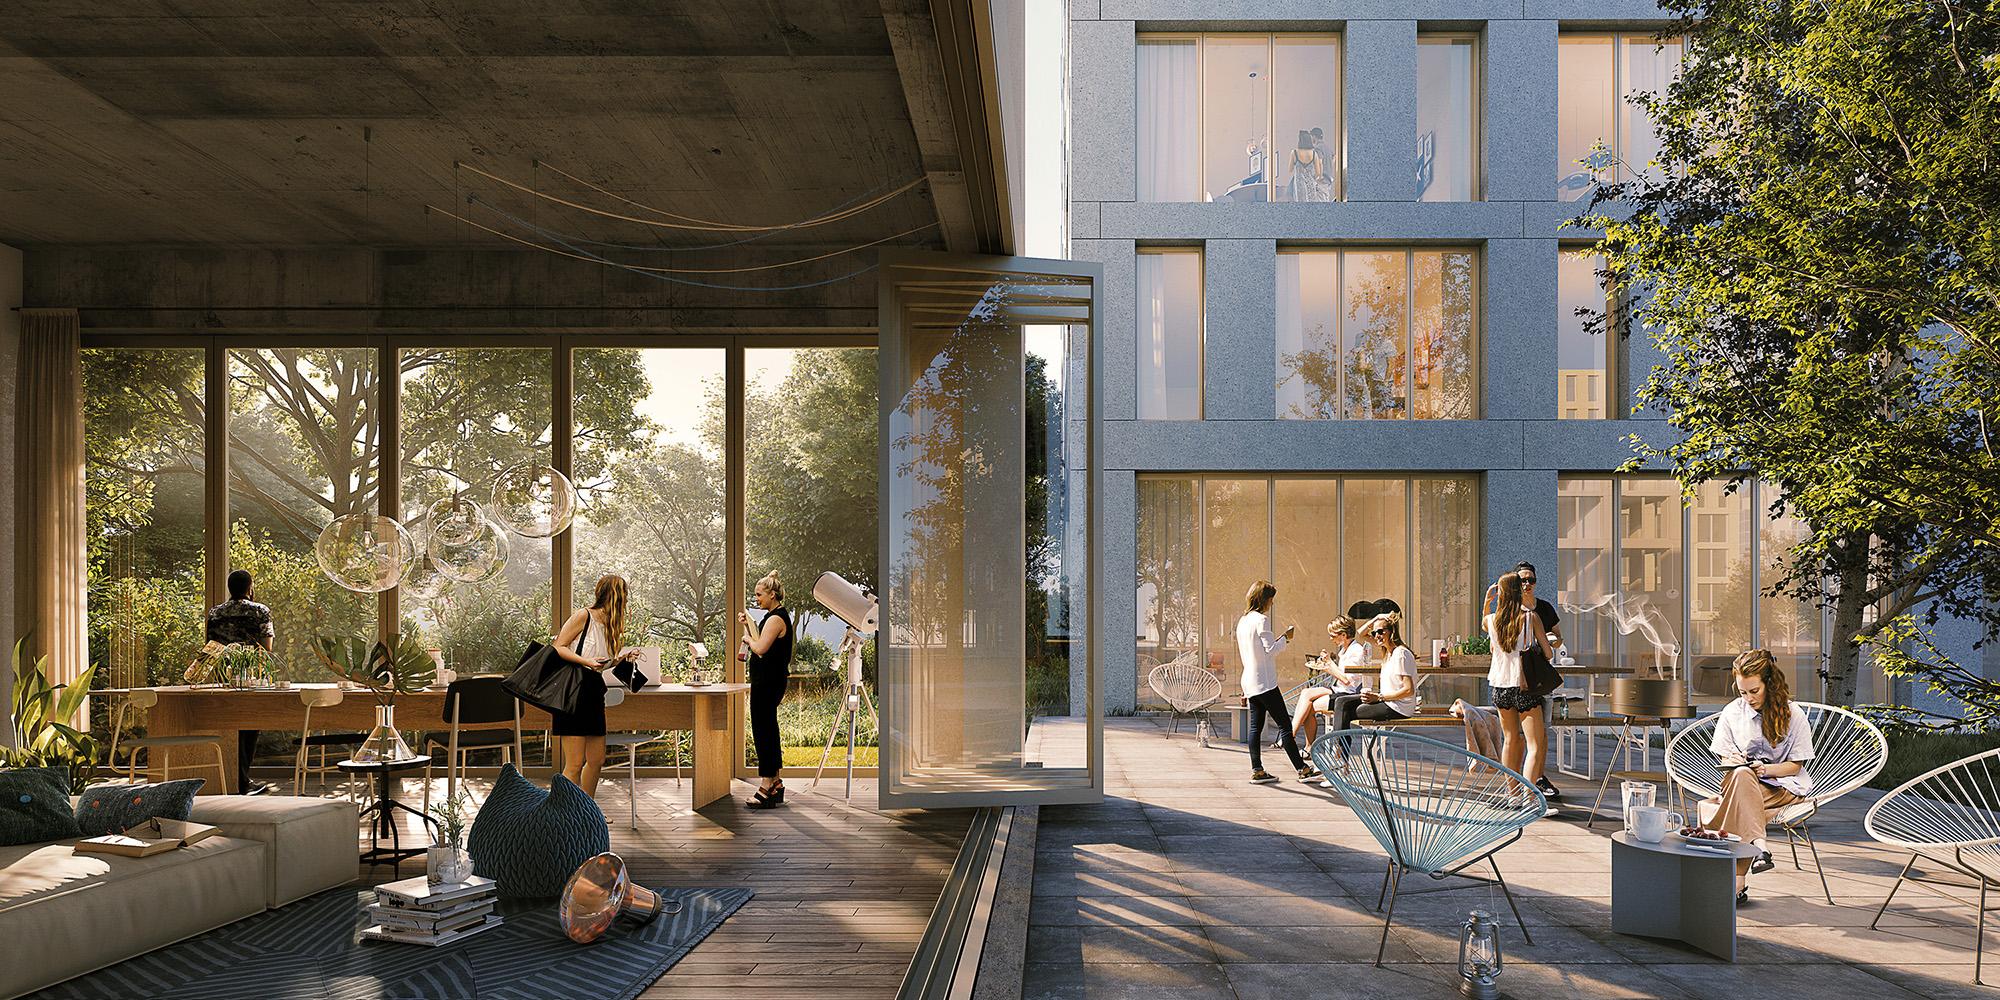 9dots_lbsp_view06_interior_apartment_vismo.dk.jpg